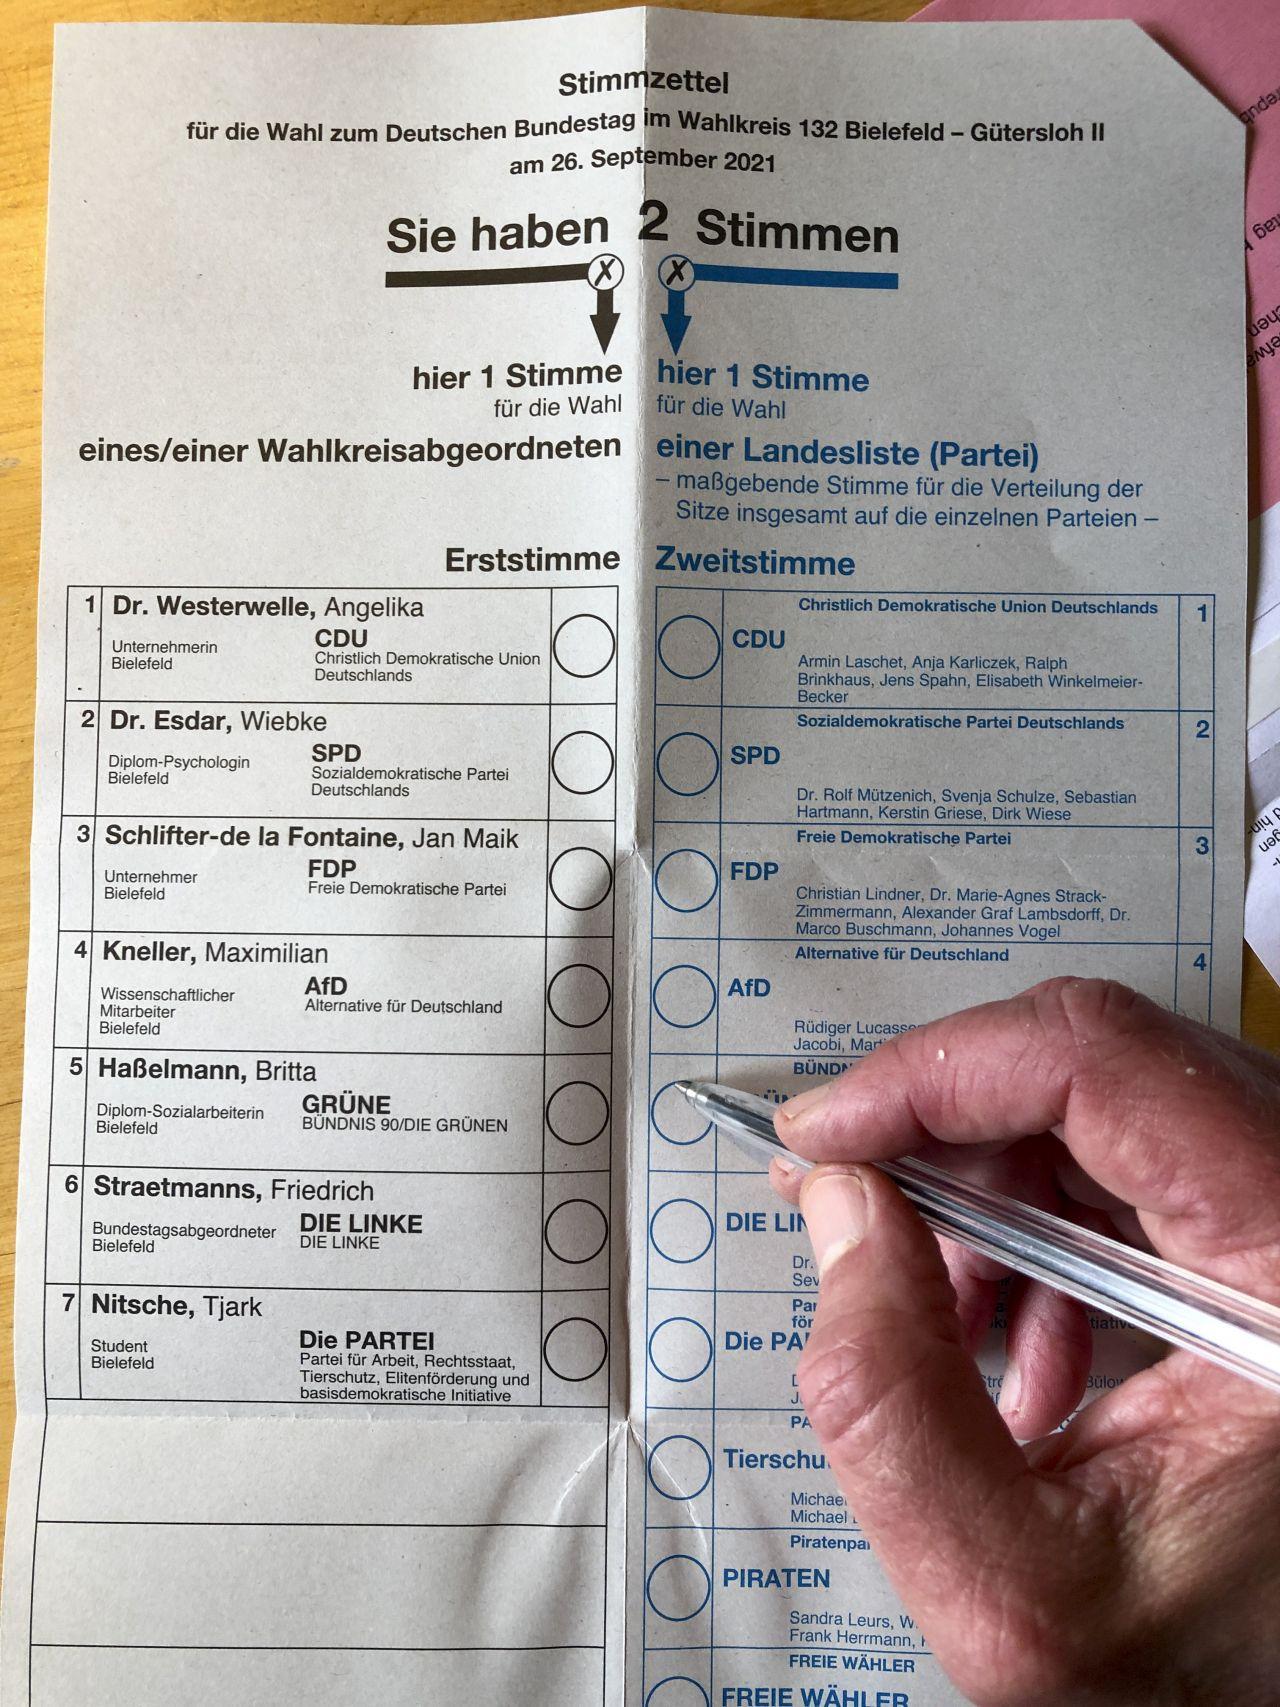 Wie sieht der Wahlzettel für die Bundestagswahl 2021 aus?